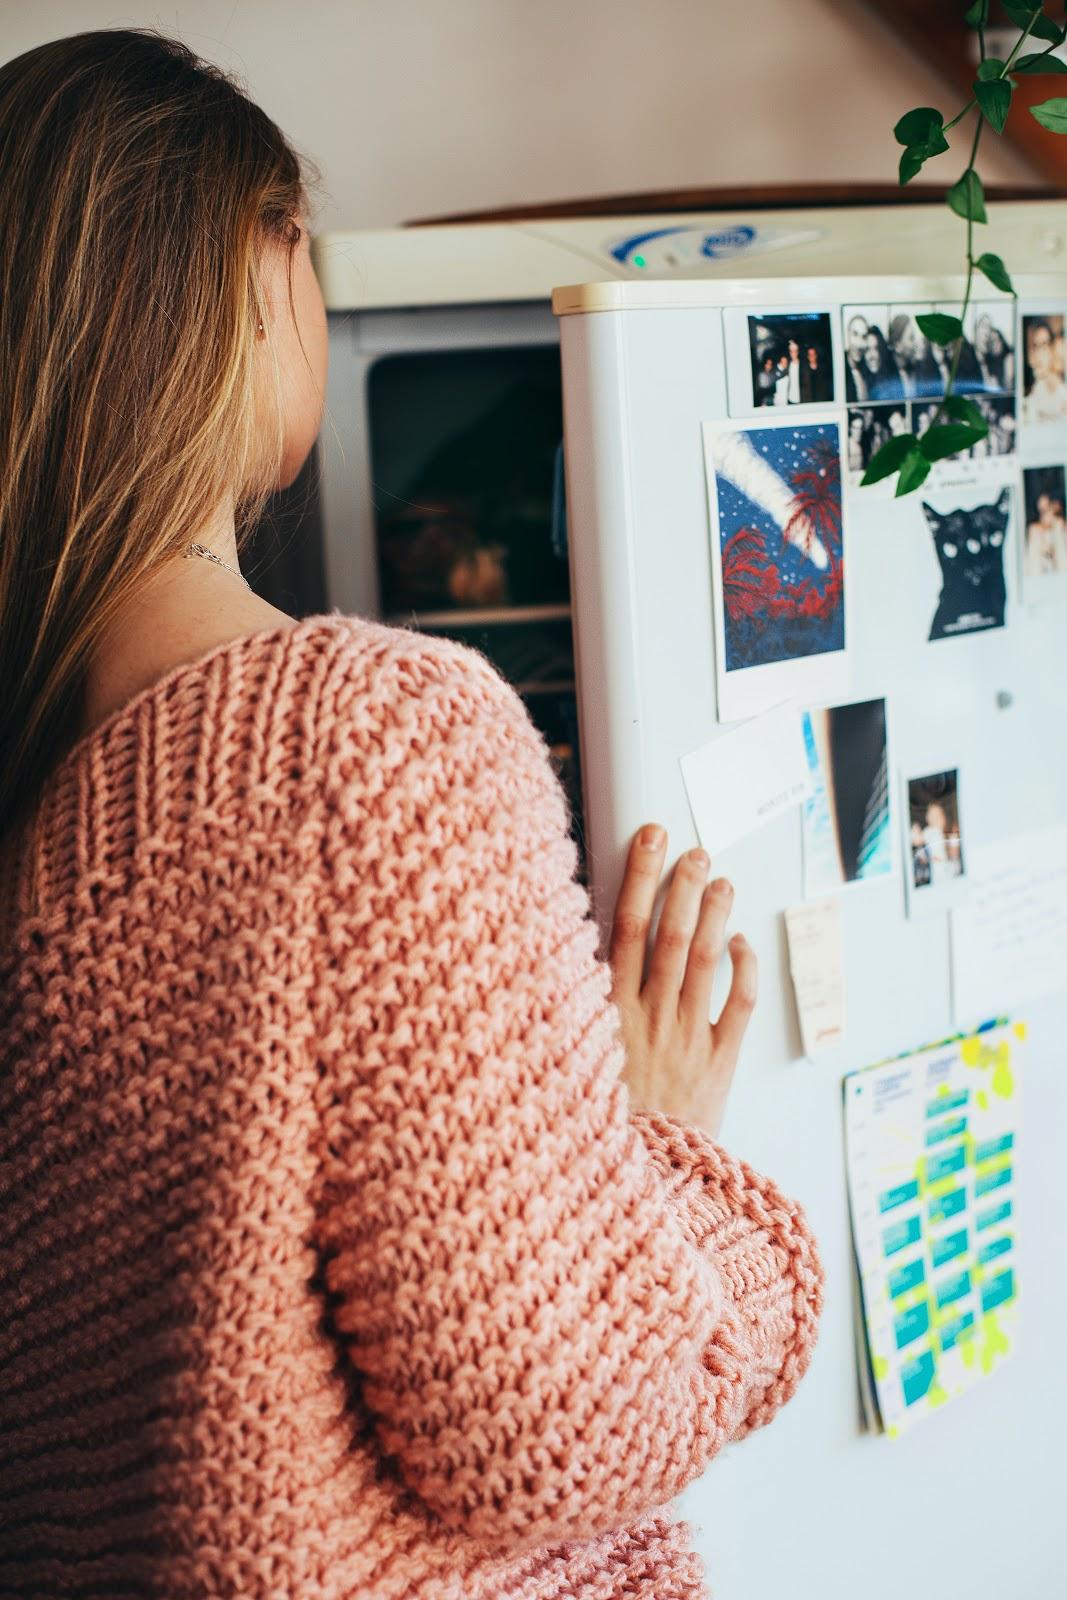 Wie misst man die Temperatur eines Kühlschranks?